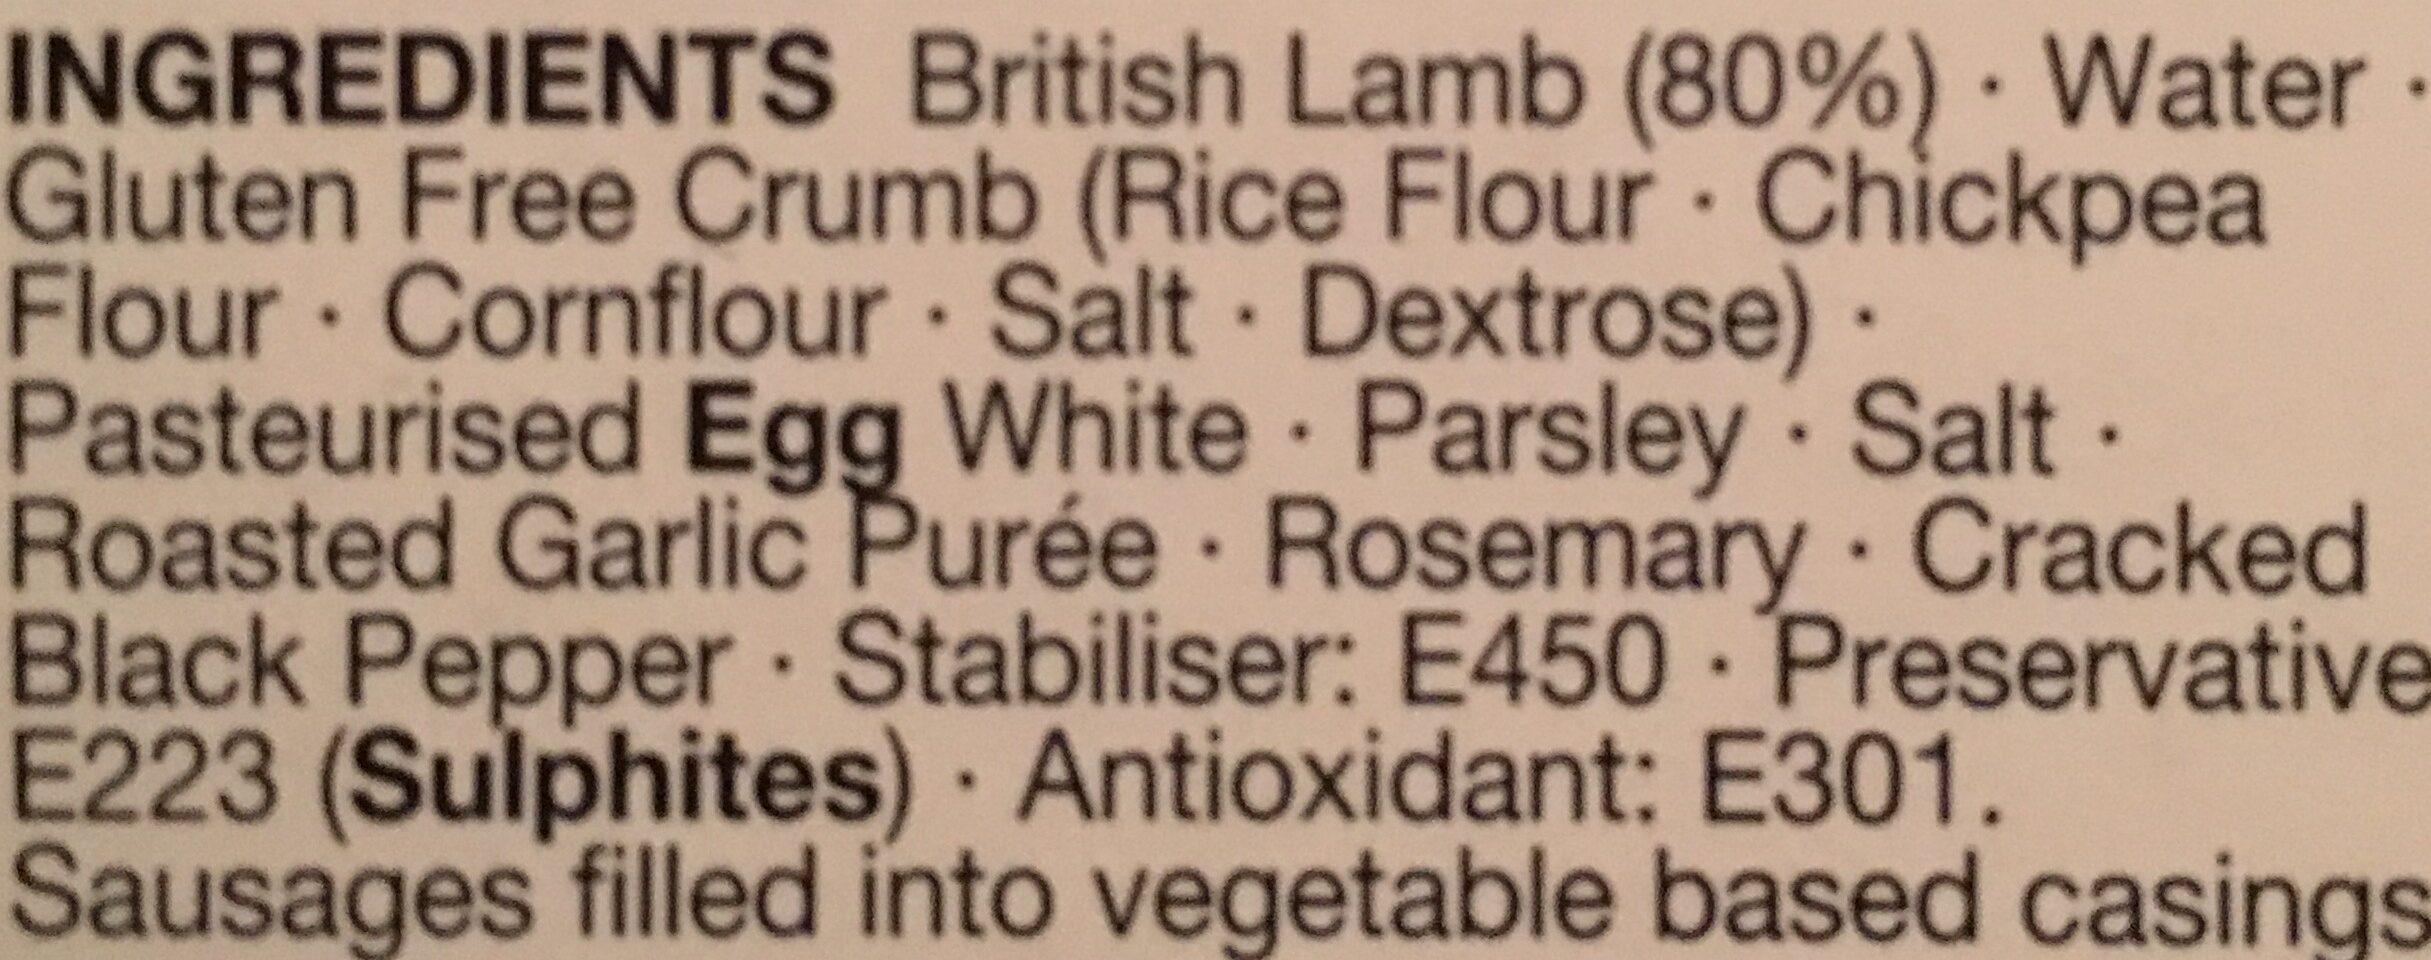 8 Lamb roasted garlic rosemary chipo sausage - Ingredientes - en